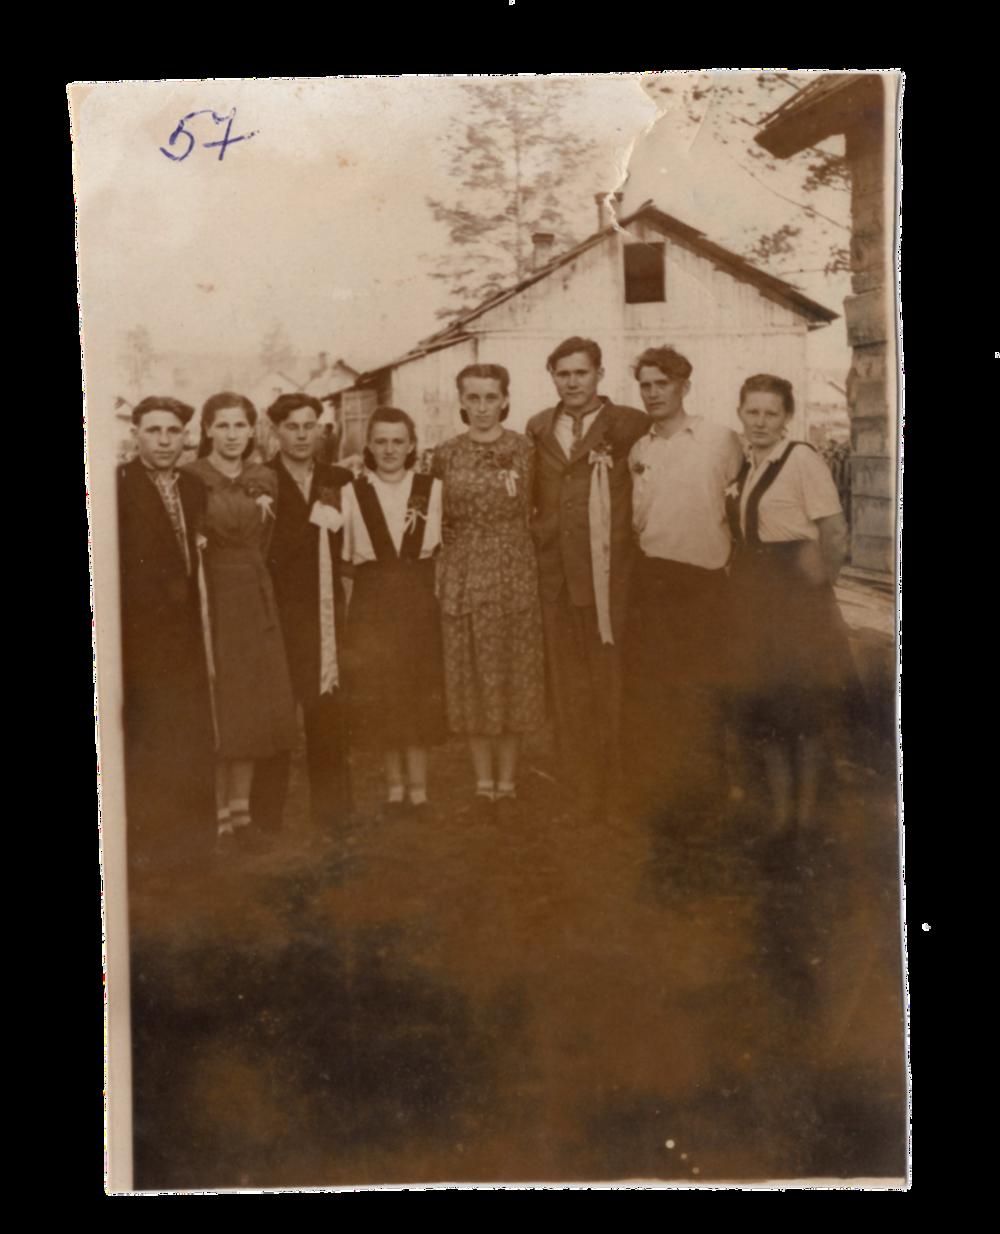 Весілля спецпоселенців, поселення Алгач, 1957. Джерело: Меморіальний музей «Територія Терору»